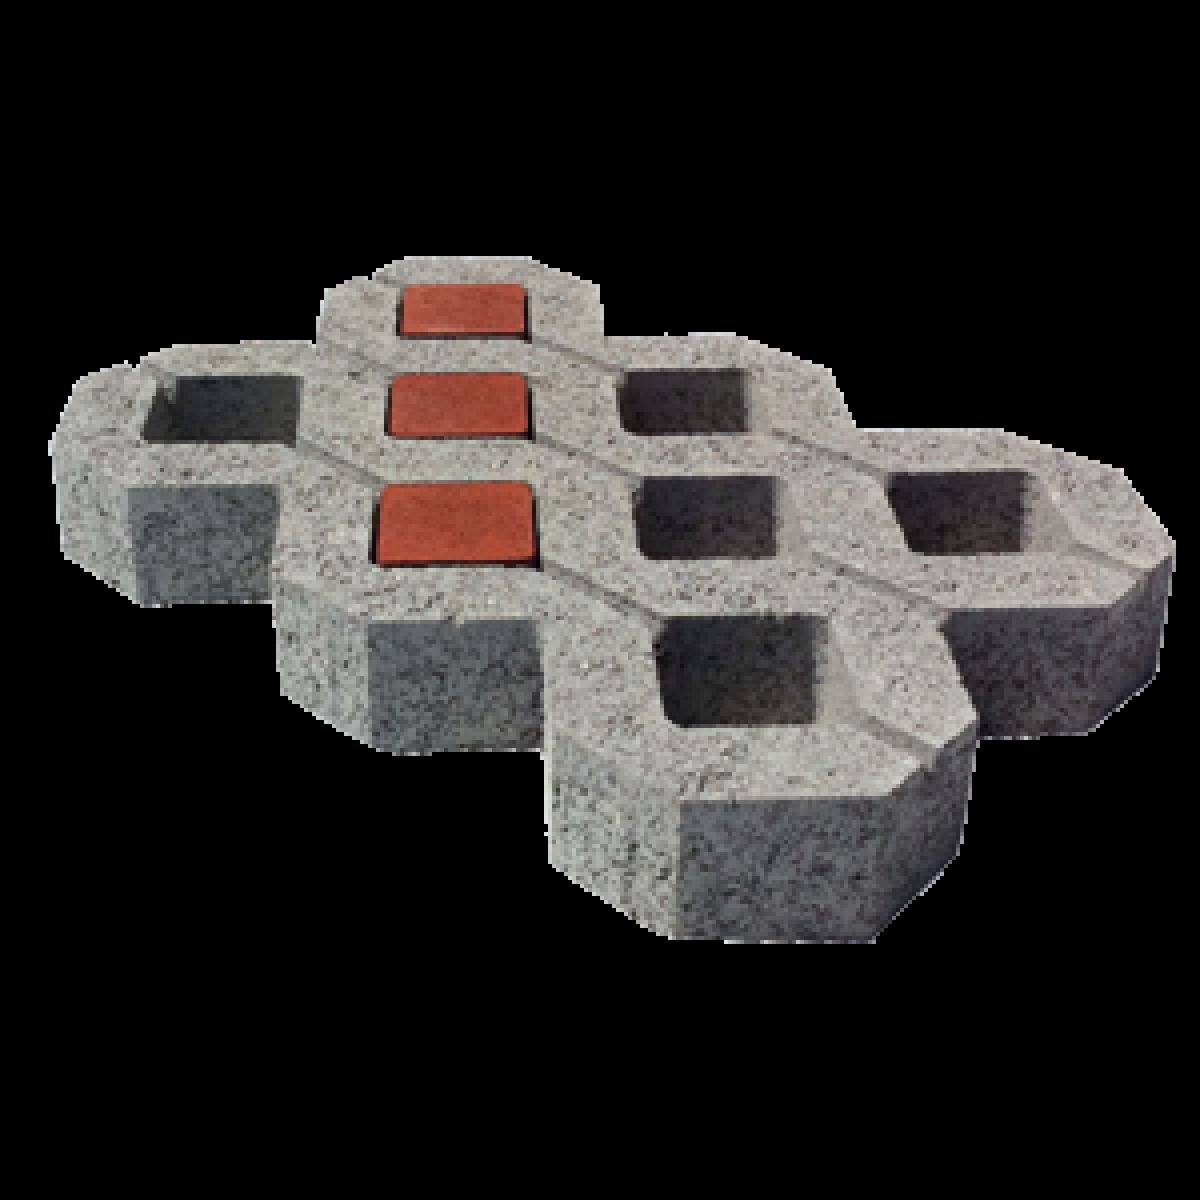 Autobloccanti in cemento per giardini e parcheggi